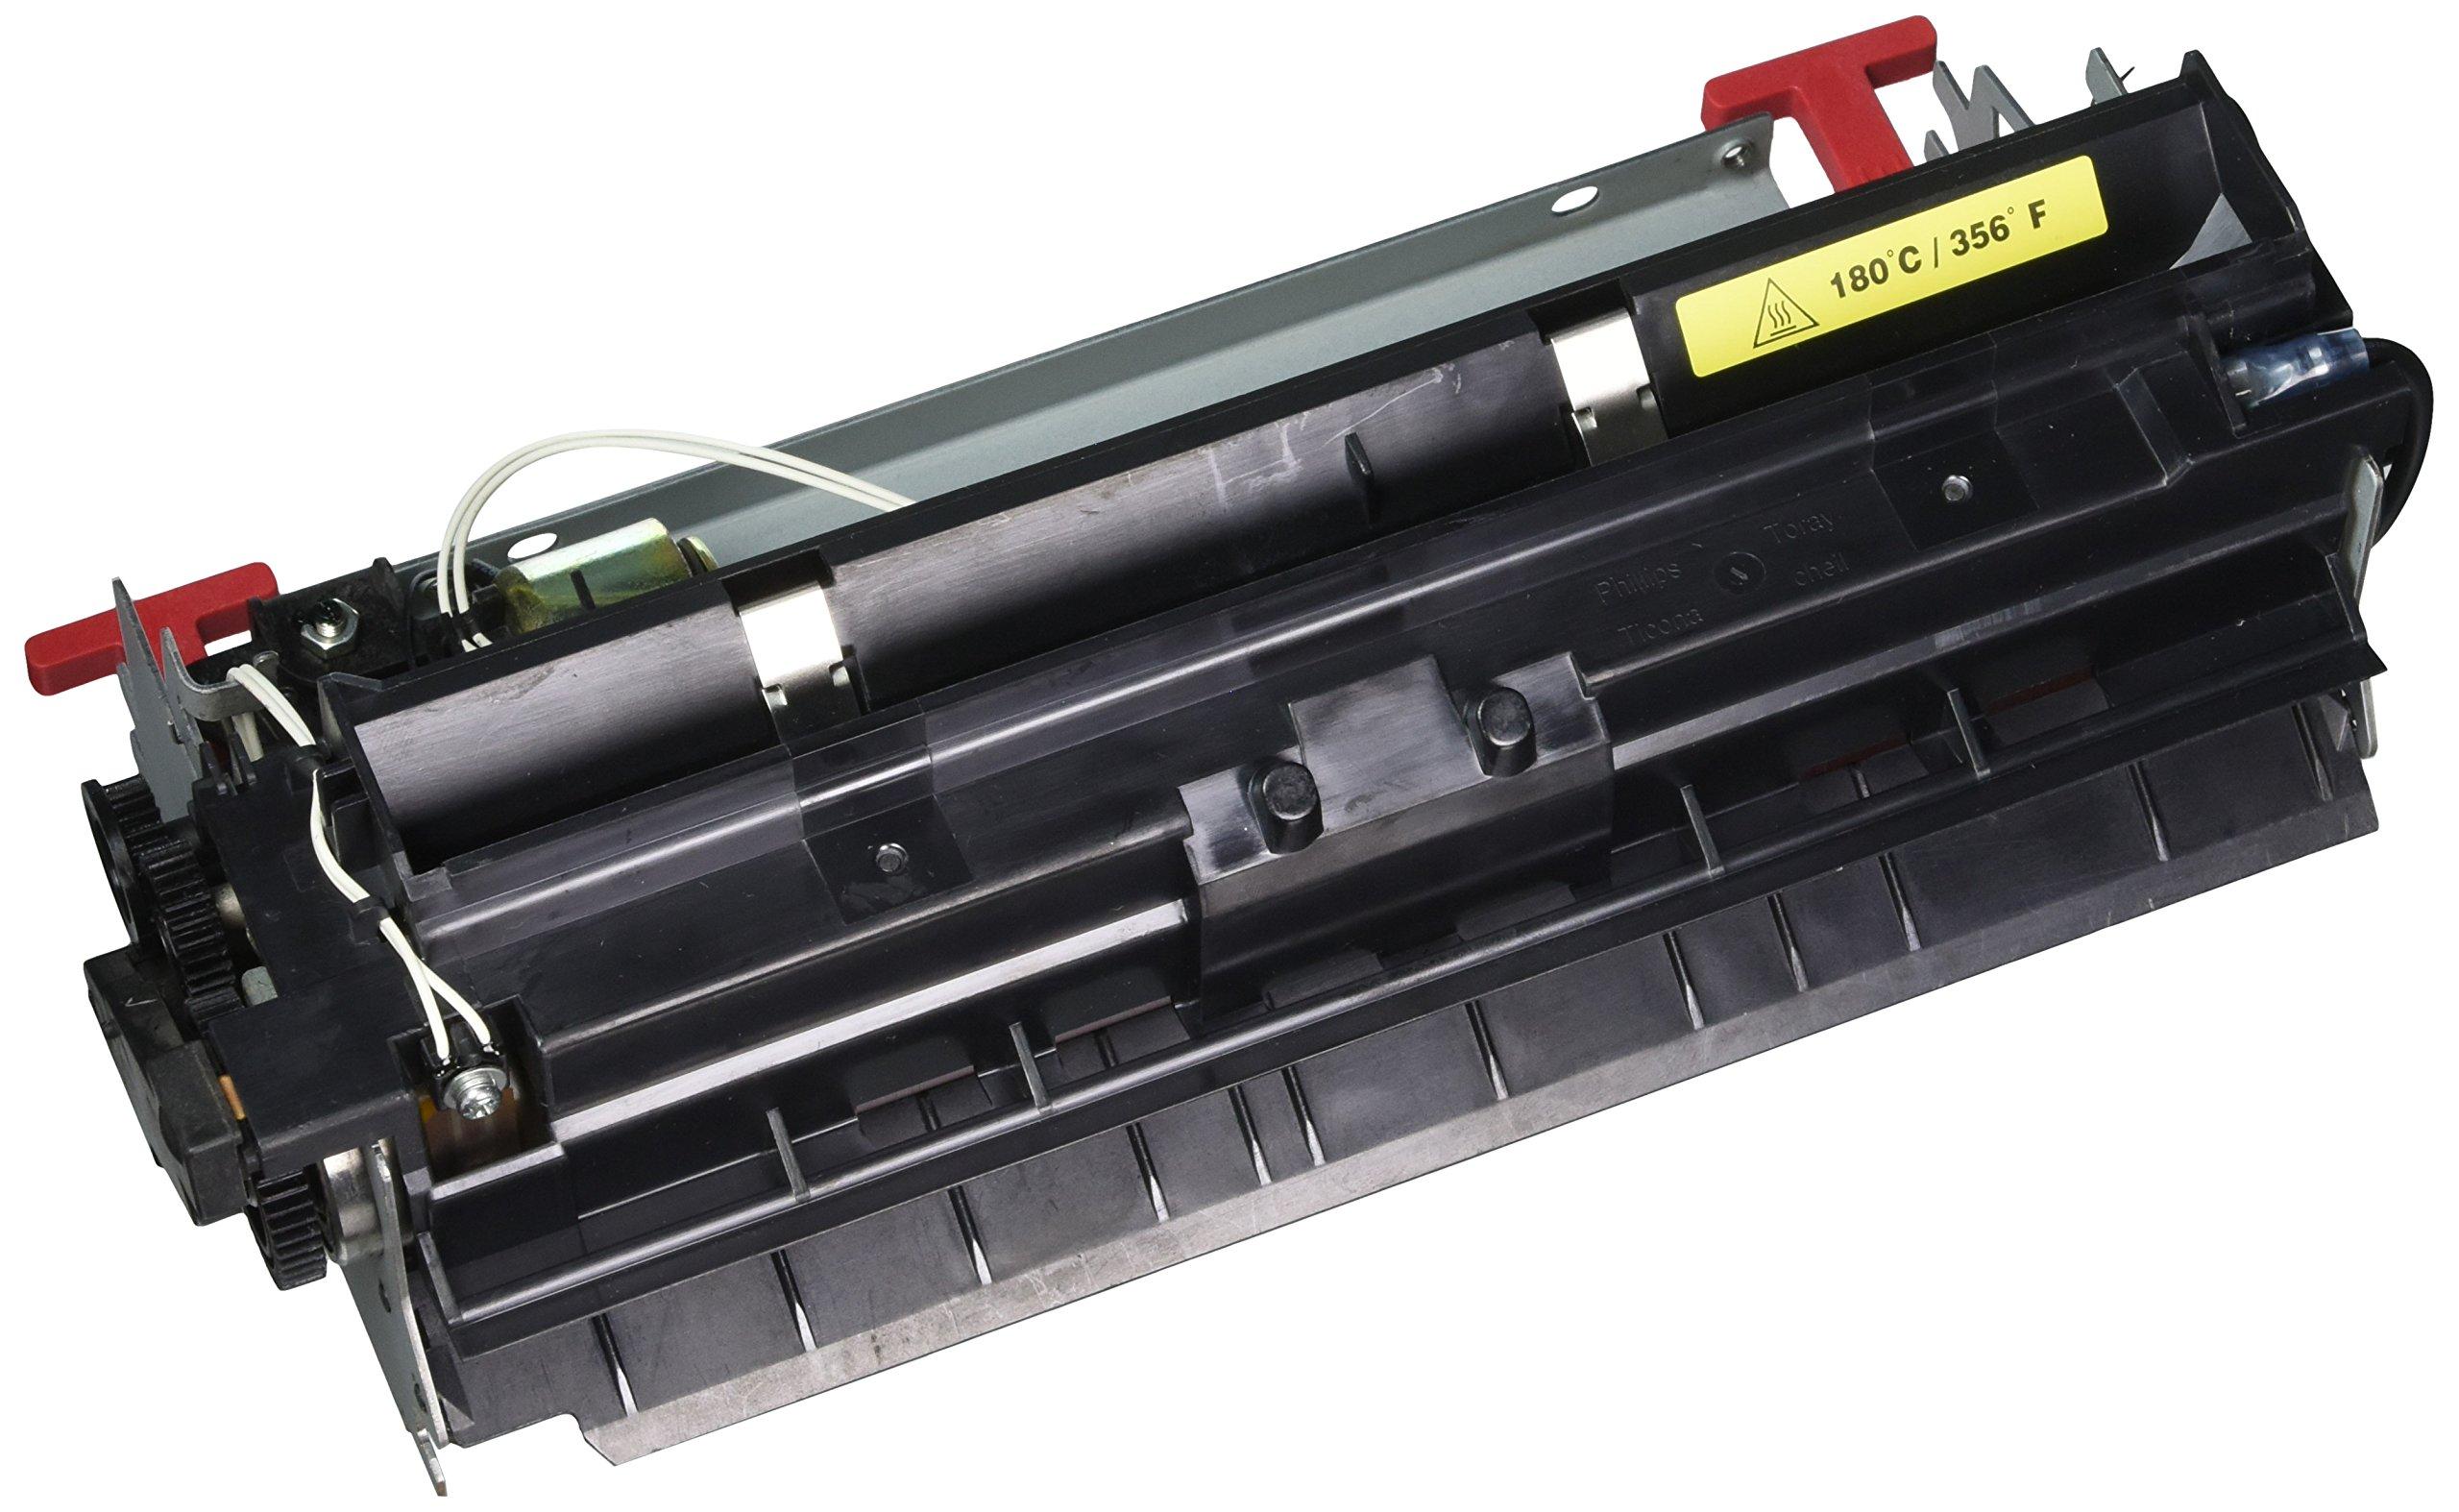 Lexmark LEX56P2542 115V Fuser Assembly, Laser by Lexmark